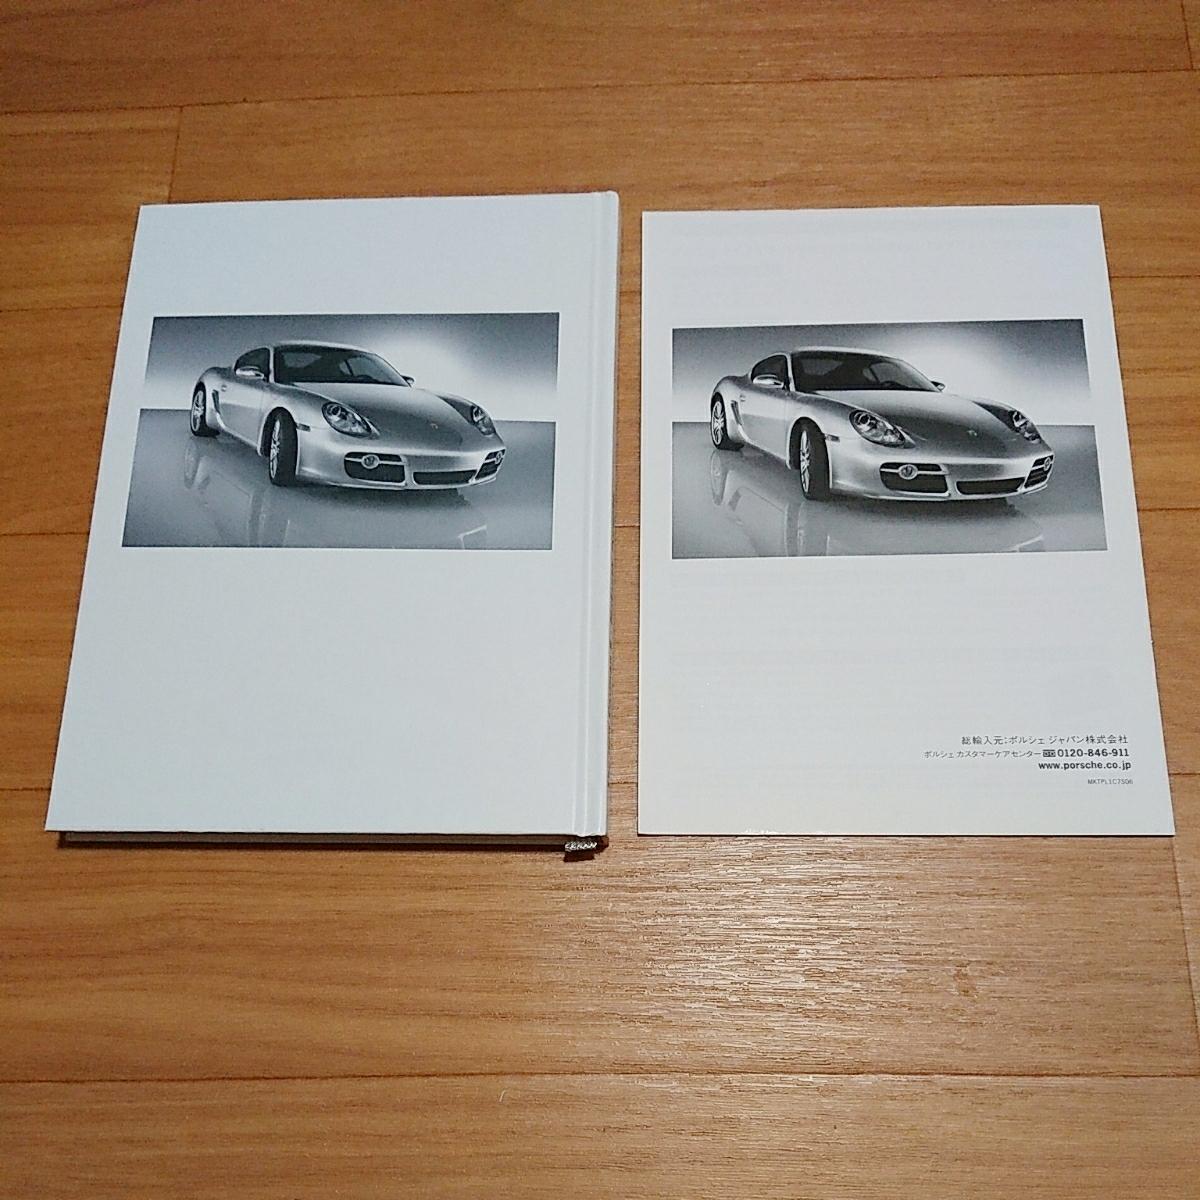 ポルシェケイマンS カタログ2冊セット 2005年 日本語版_画像2